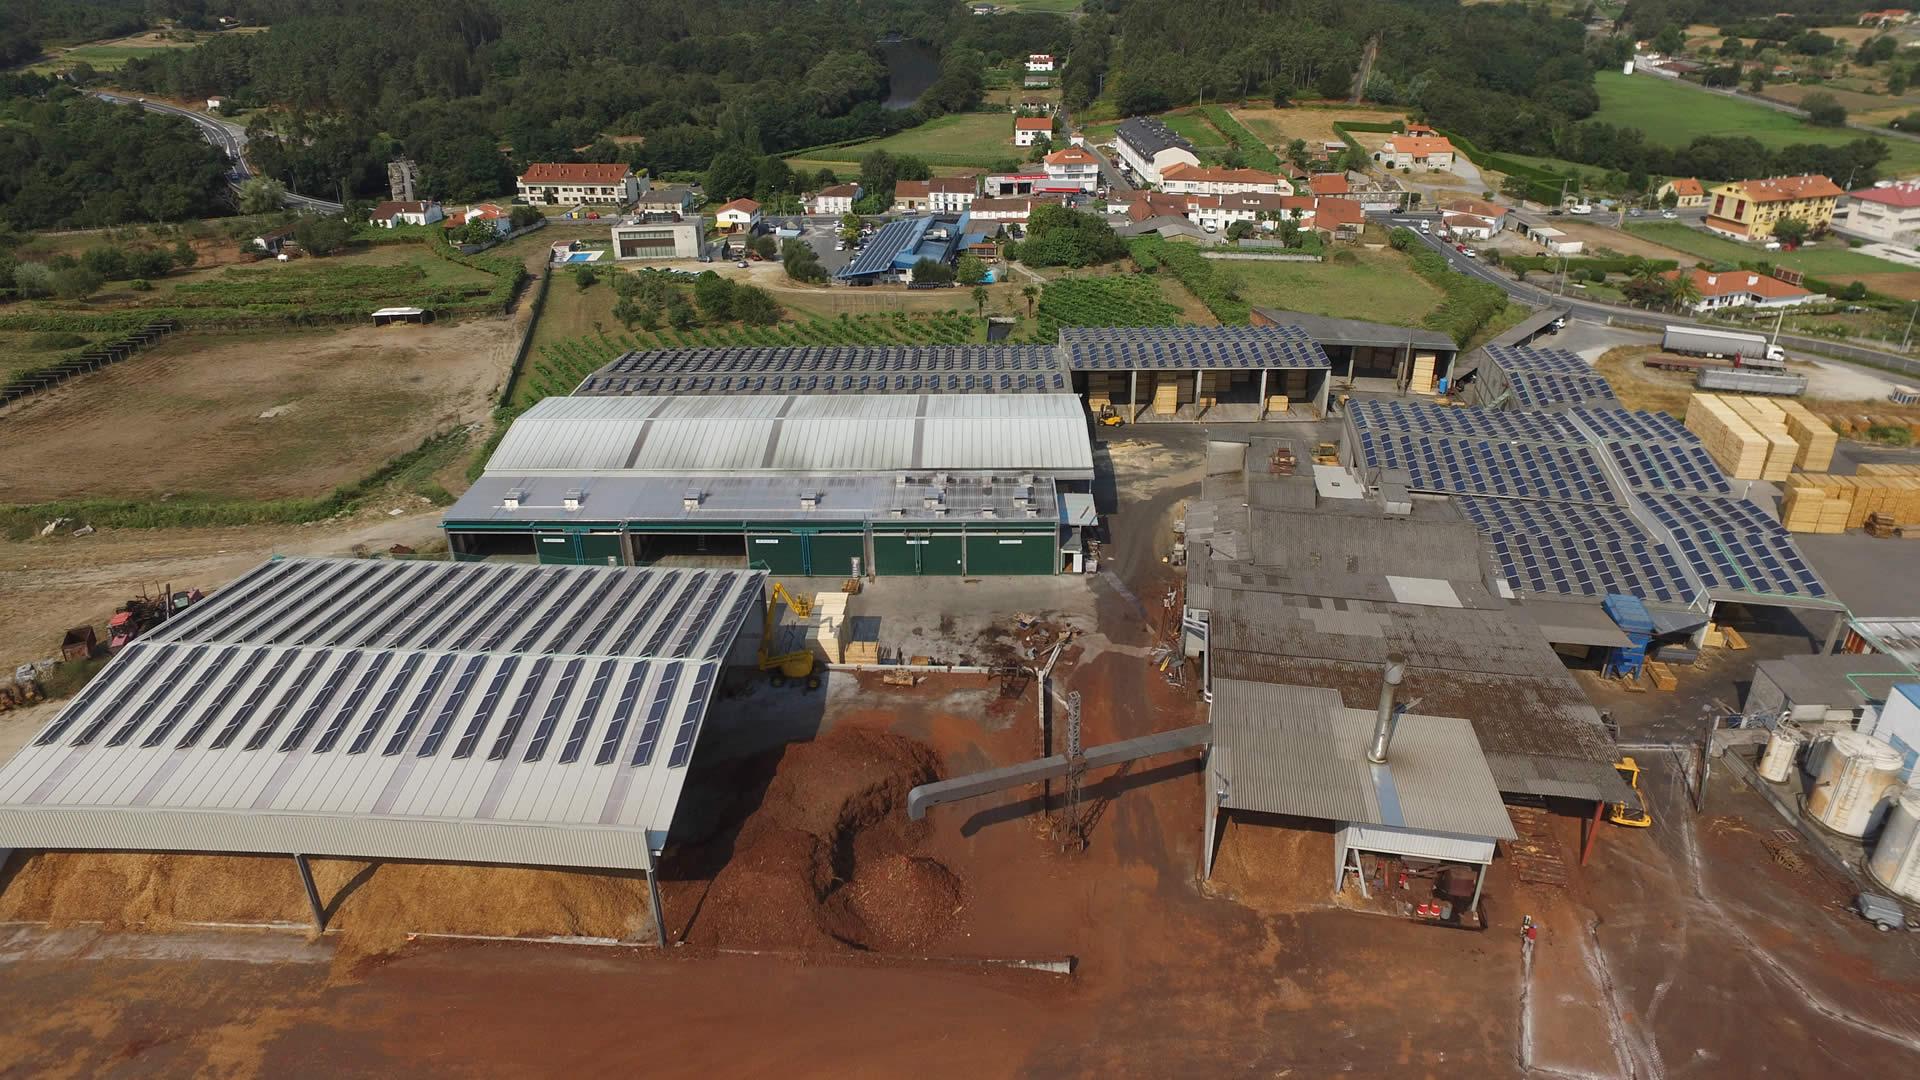 edf-solar-energia-solar-fotovoltaica-autoconsumo-maderas-cajaraville-07